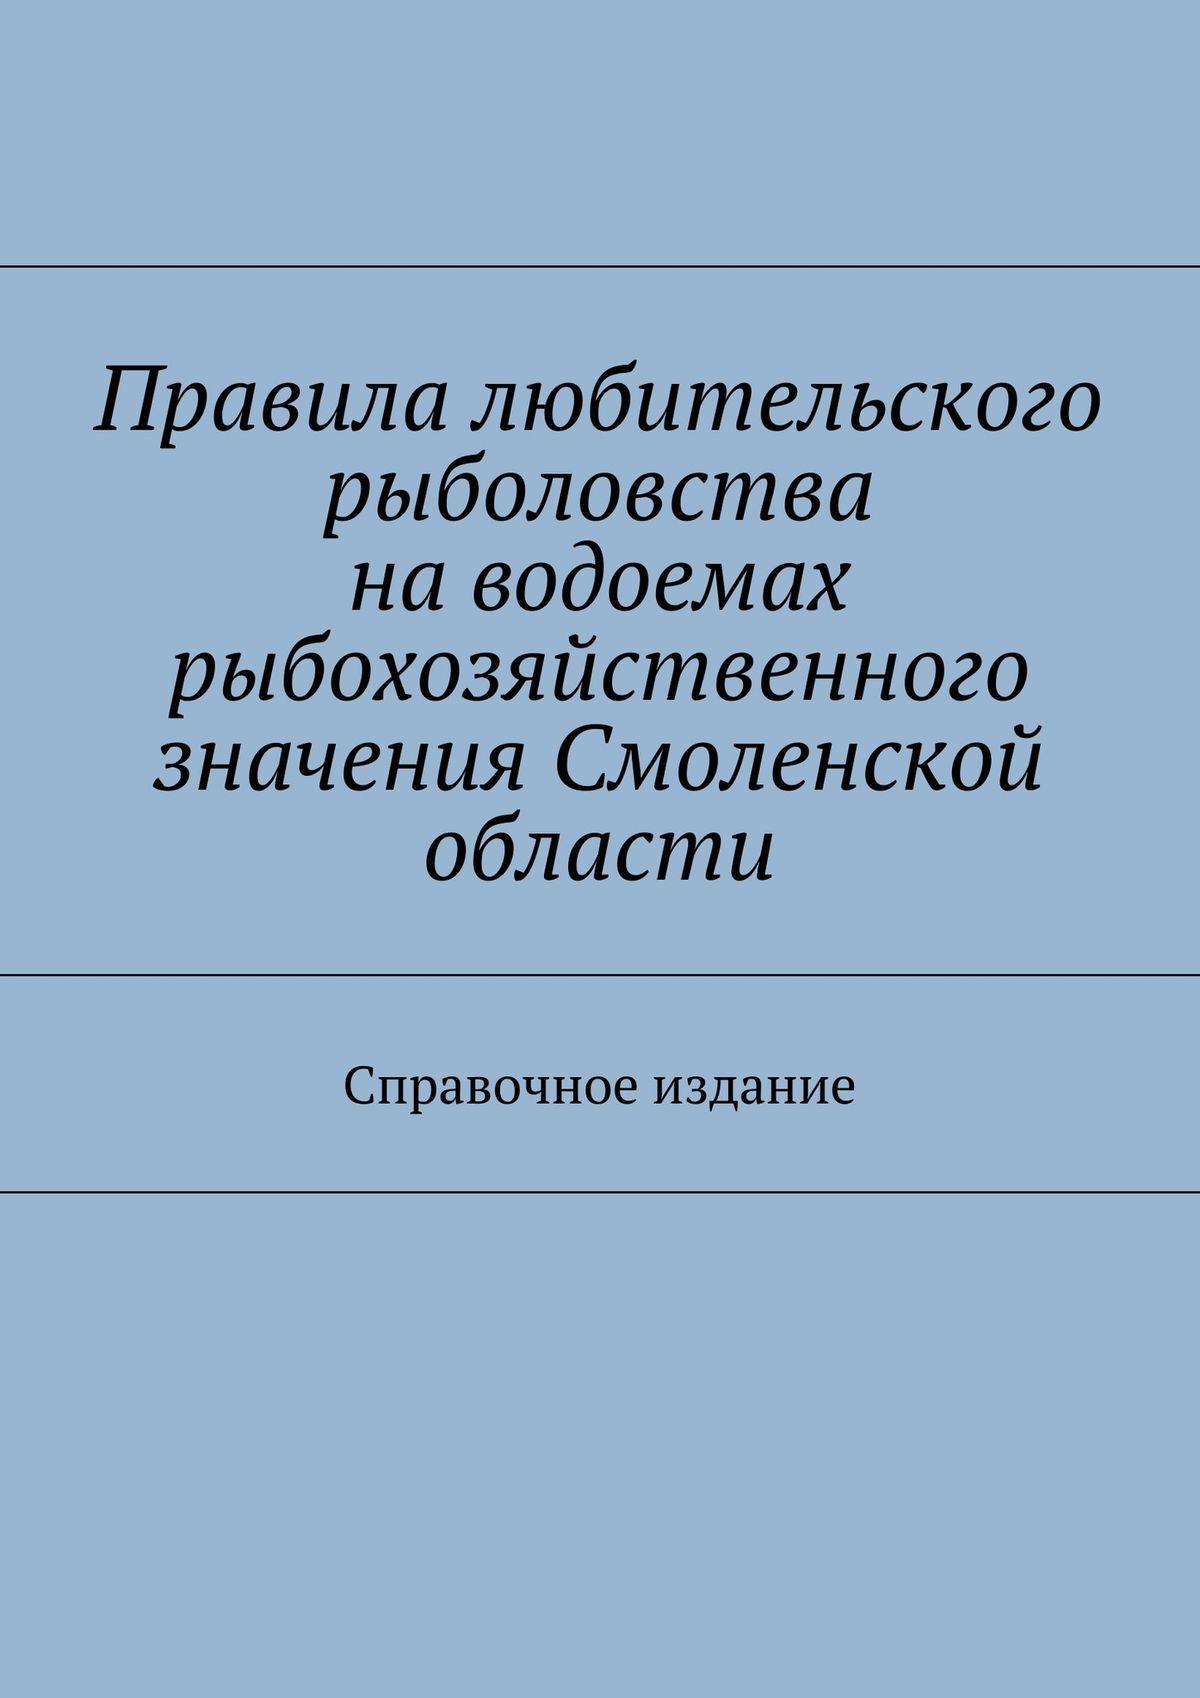 Правила любительского рыболовства наводоемах рыбохозяйственного значения Смоленской области. Справочное издание